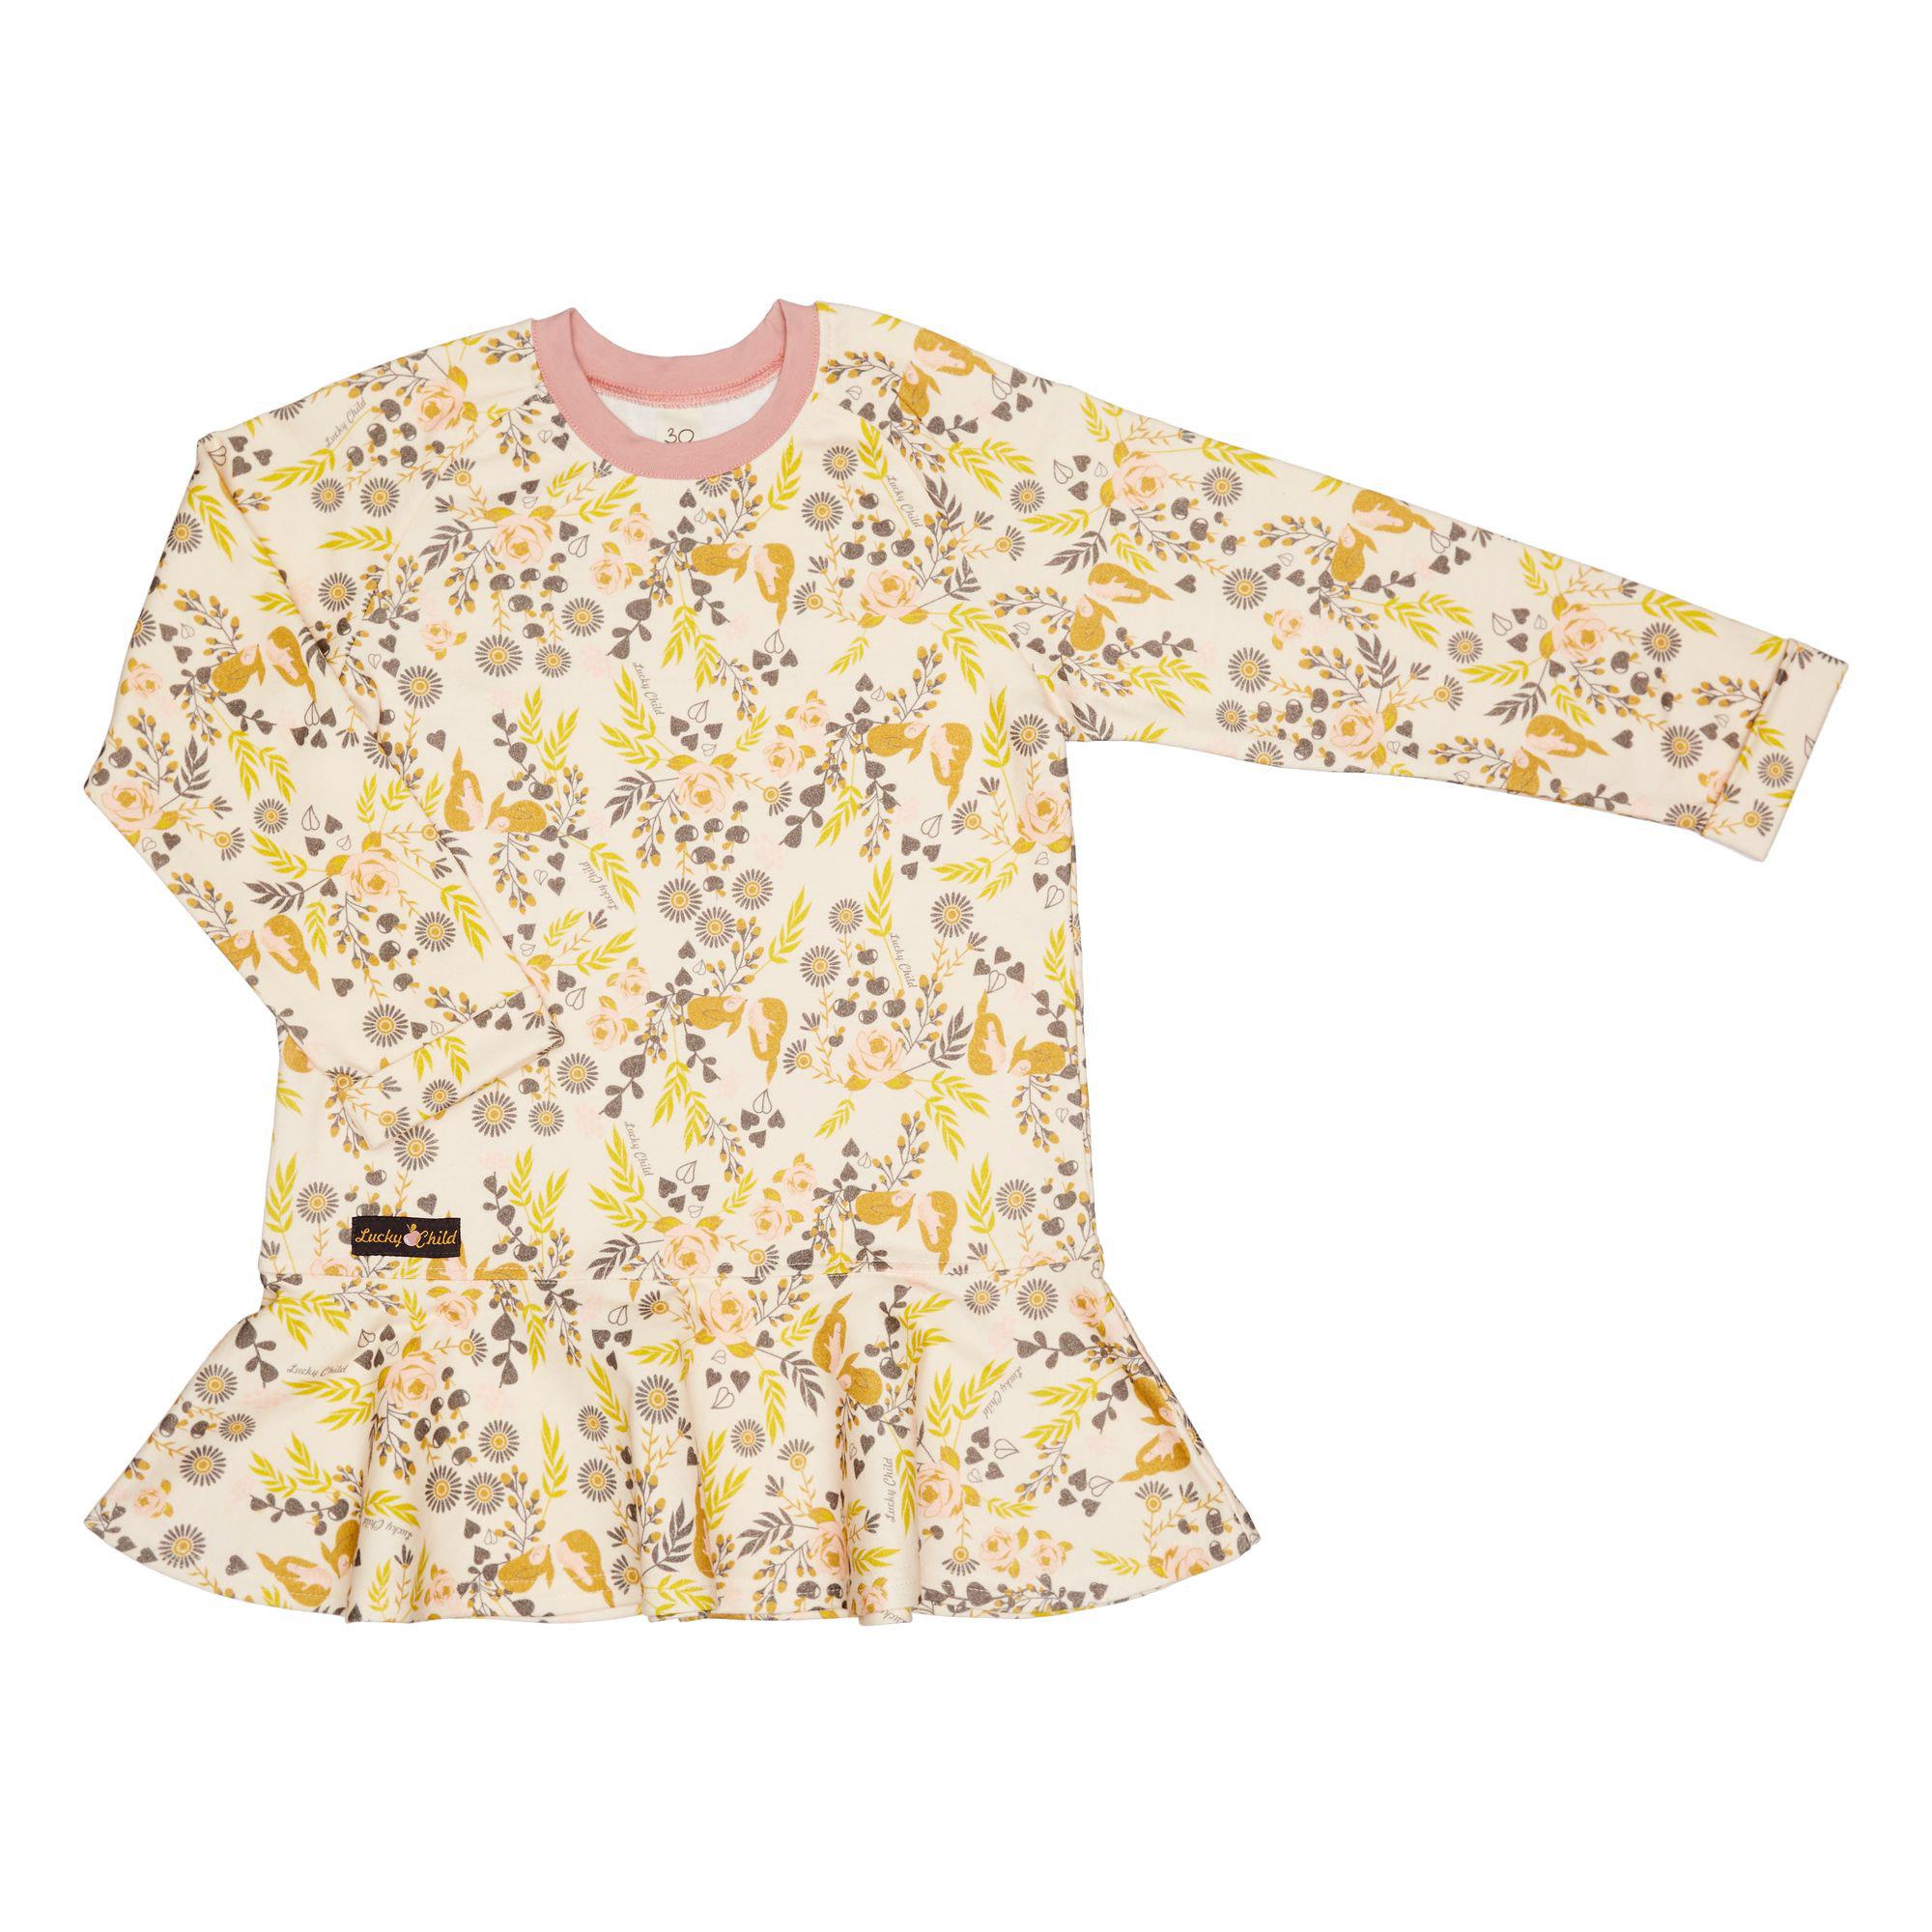 Купить Платье Lucky Child Осенний лес футер цветное 116-122, Разноцветный, Футер, Для девочек, Осень-Зима,